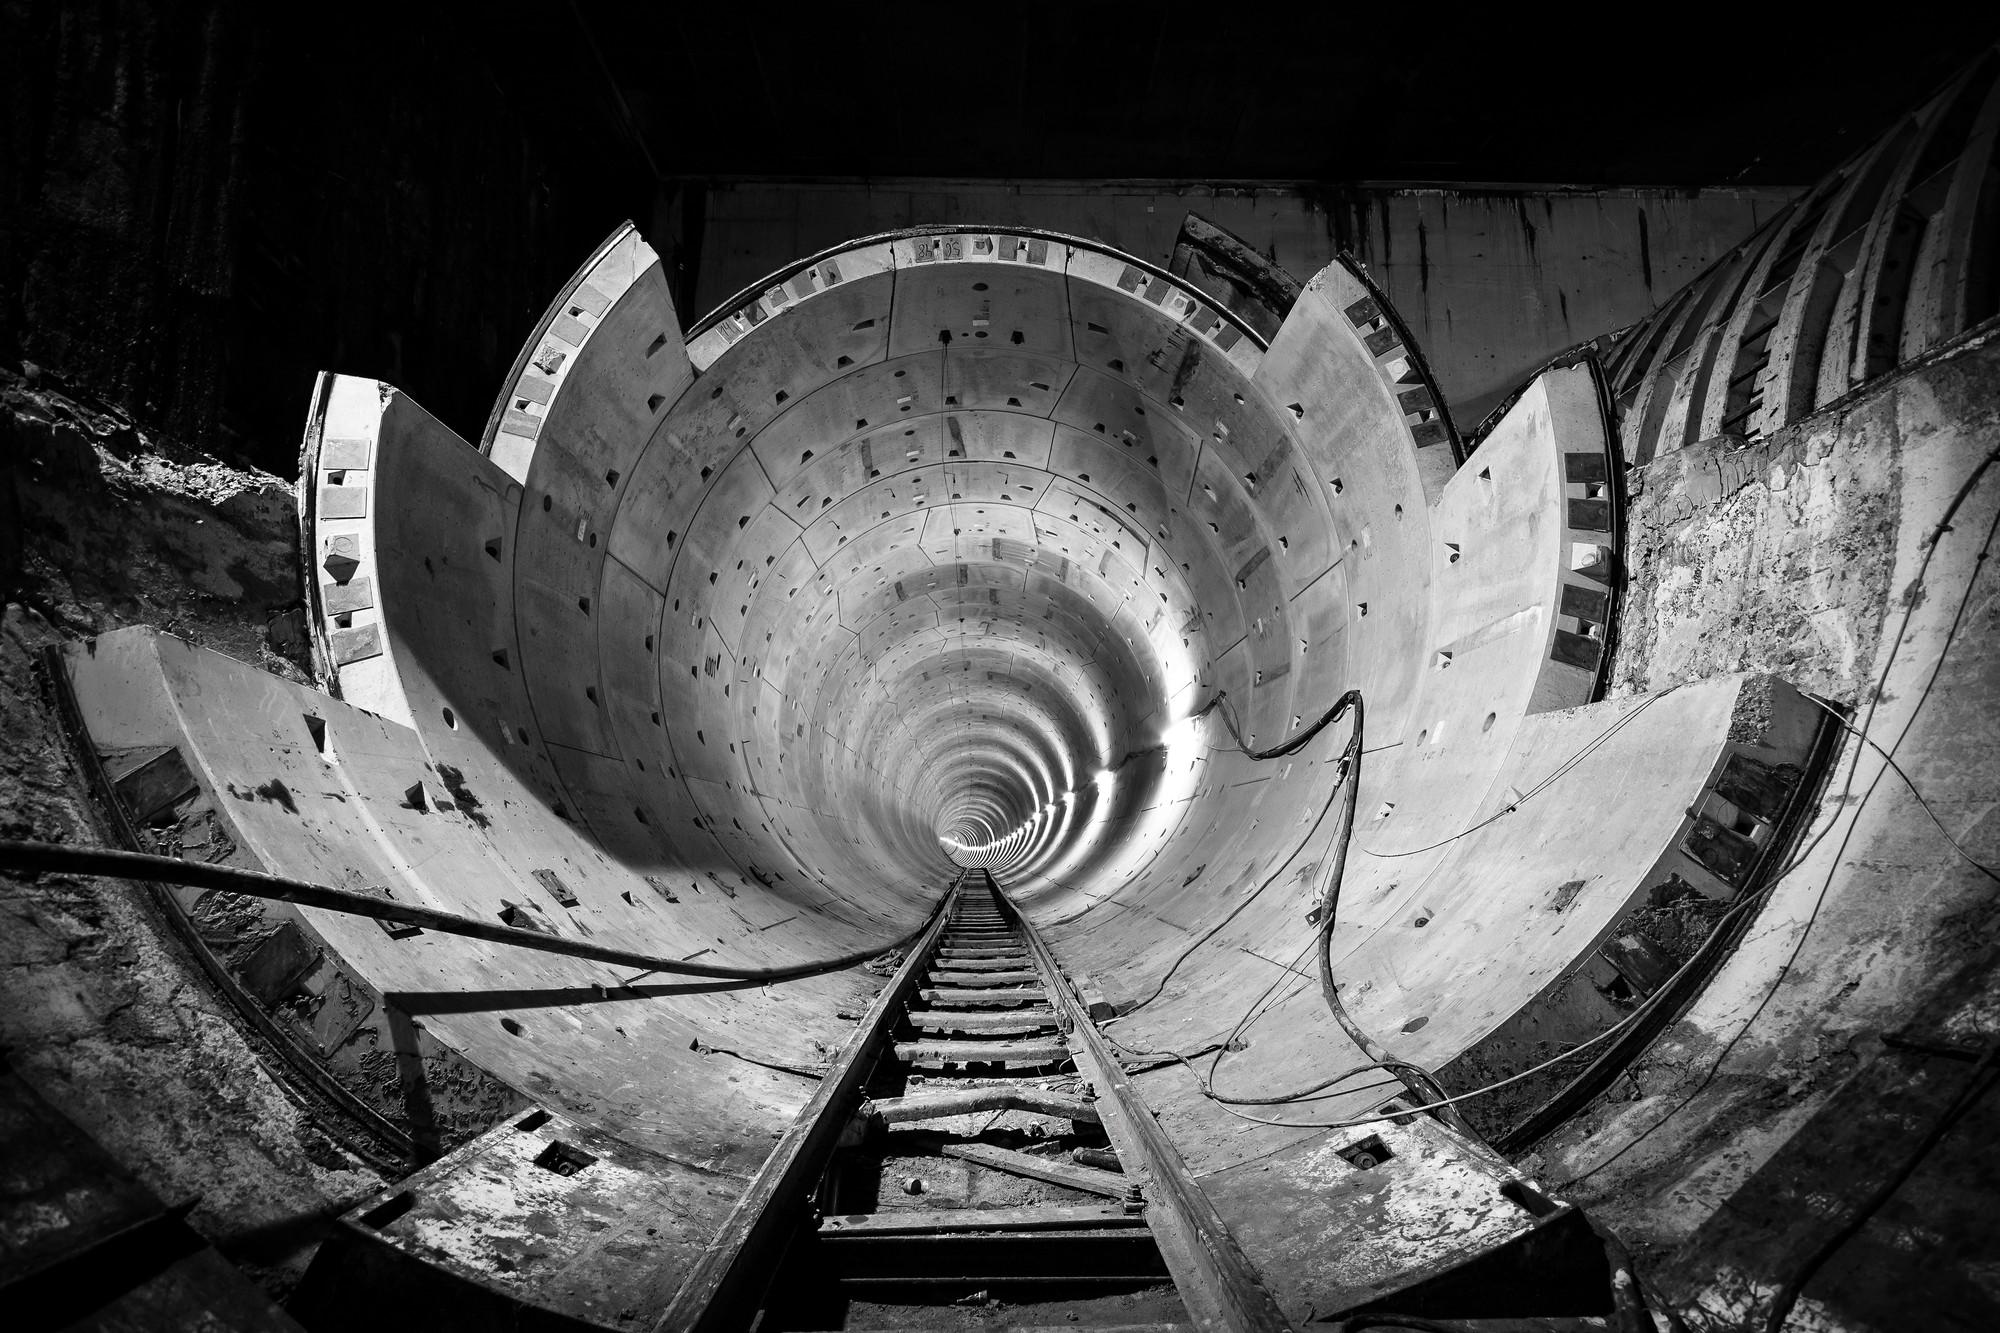 Concrete Arteries. Image © Richard Pennington